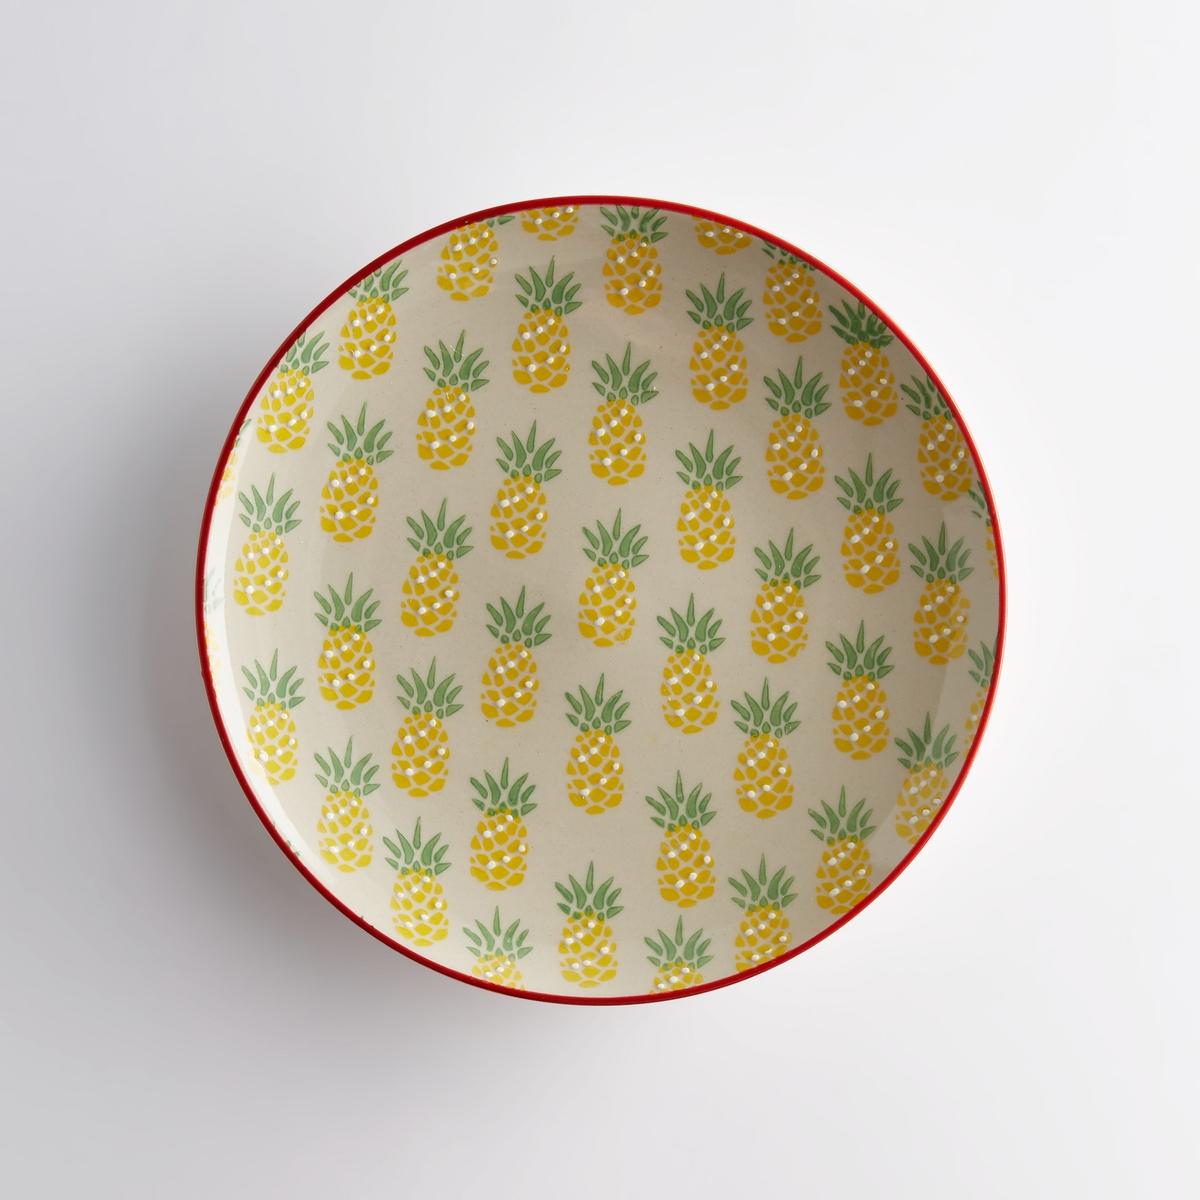 Комплект из 4 десертных тарелок, TOSSITA комплект из 4 мелких тарелок из керамики olazhi